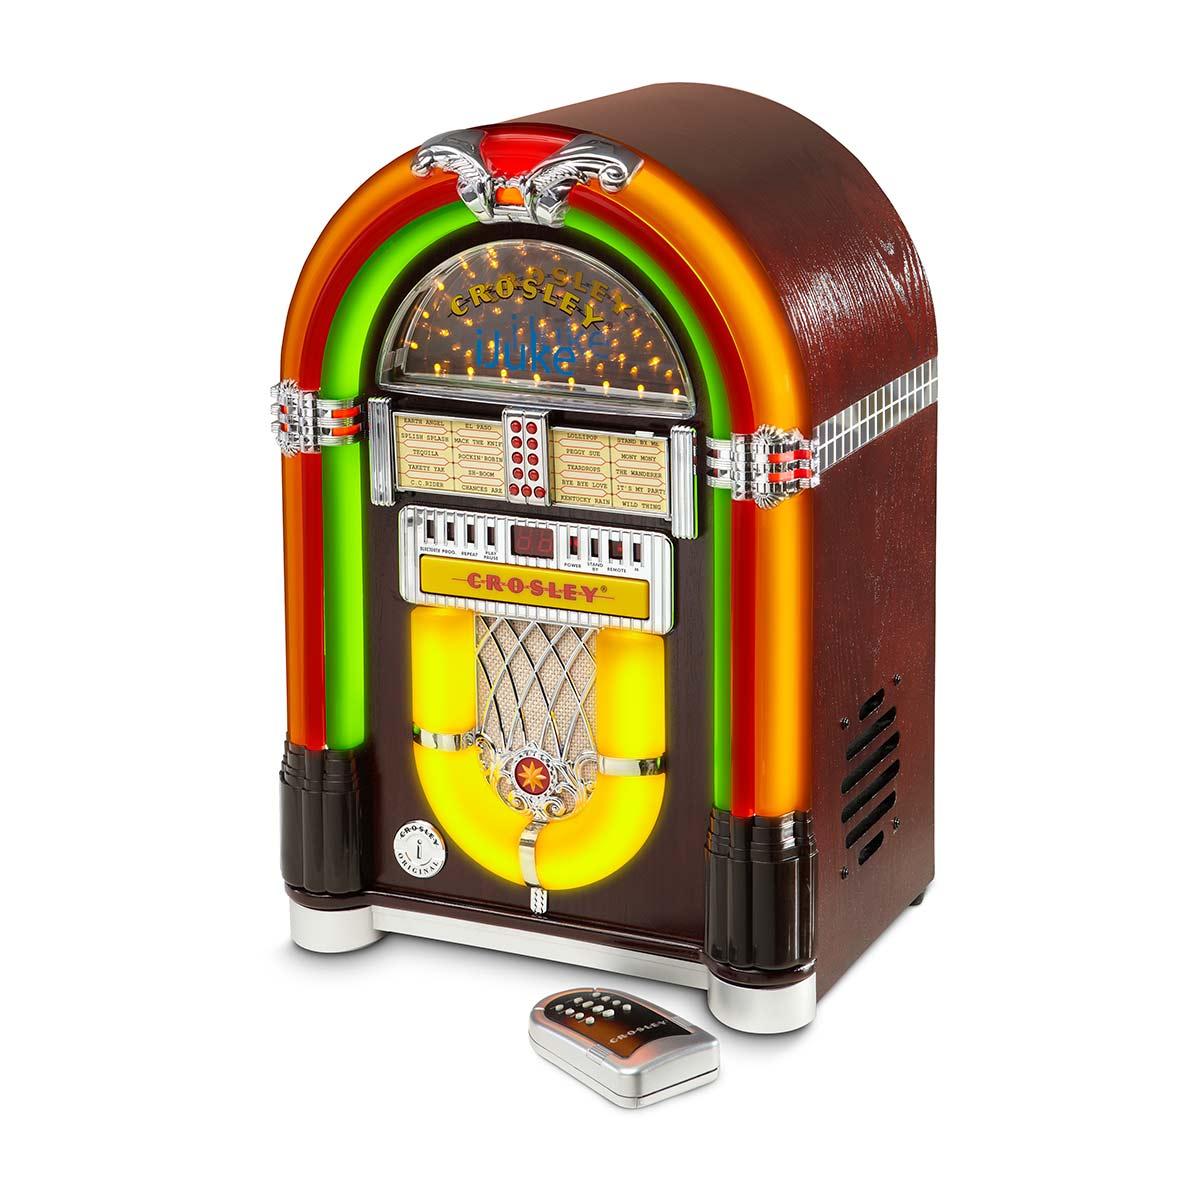 Shop Nostalgic Electronics